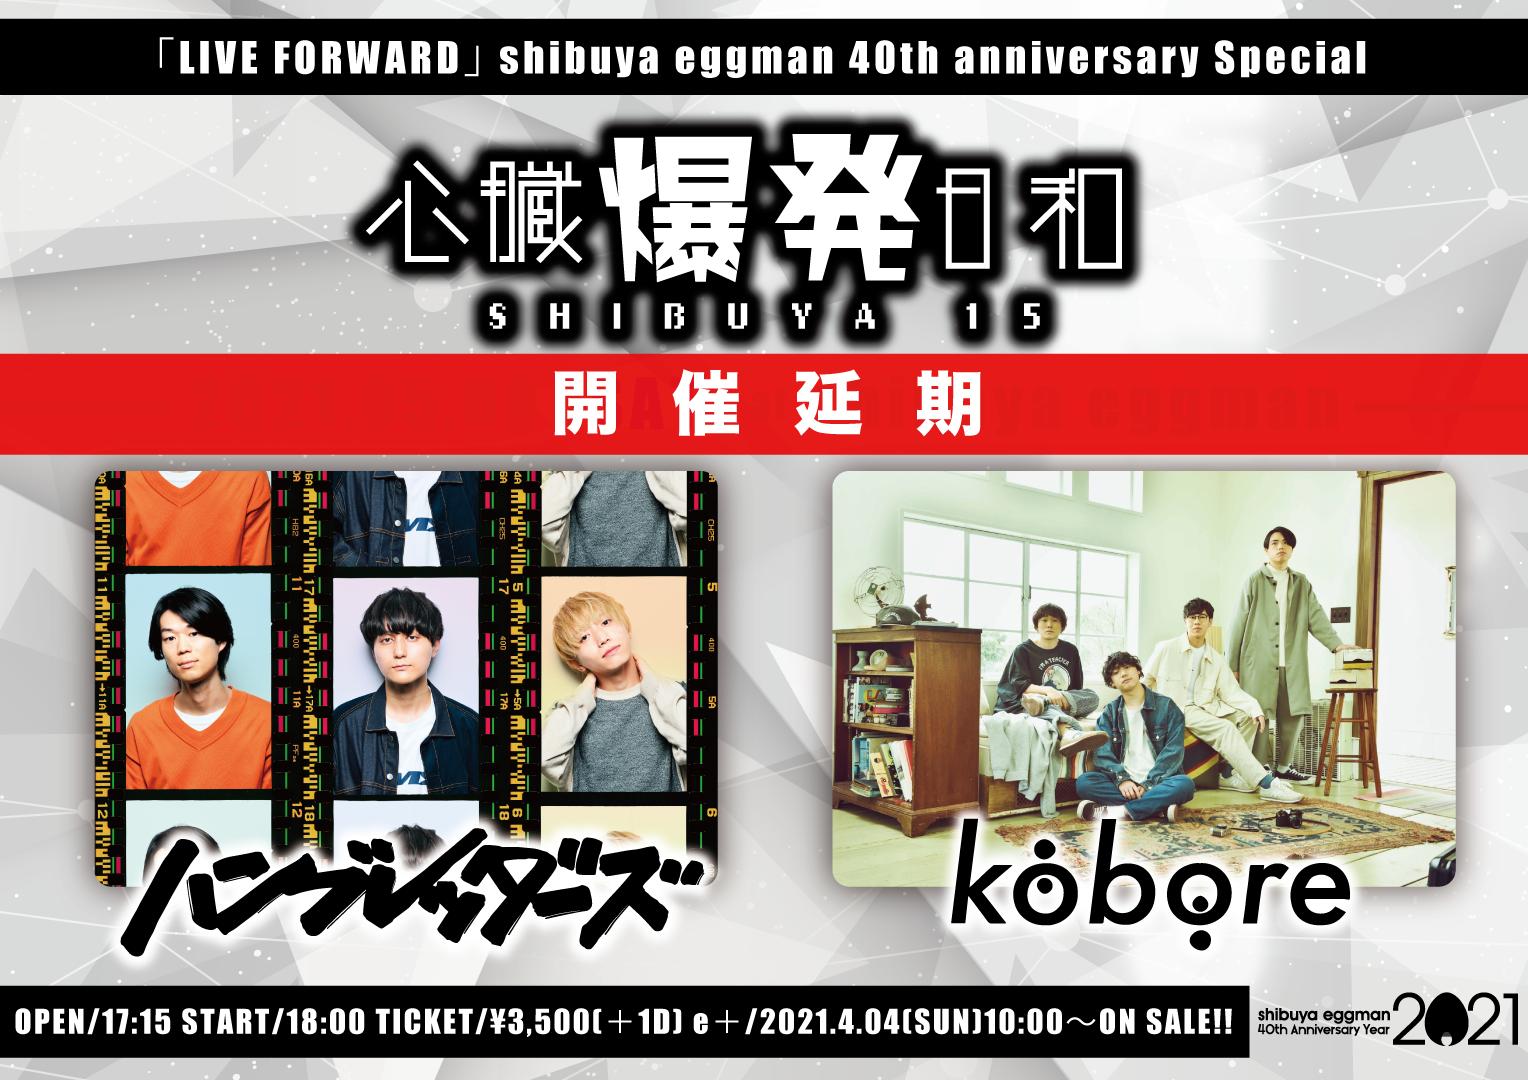 【開催延期】心臓爆発日和 -SHIBUYA15-  〜「LIVE FORWARD」 shibuya eggman 40th anniversary Special〜